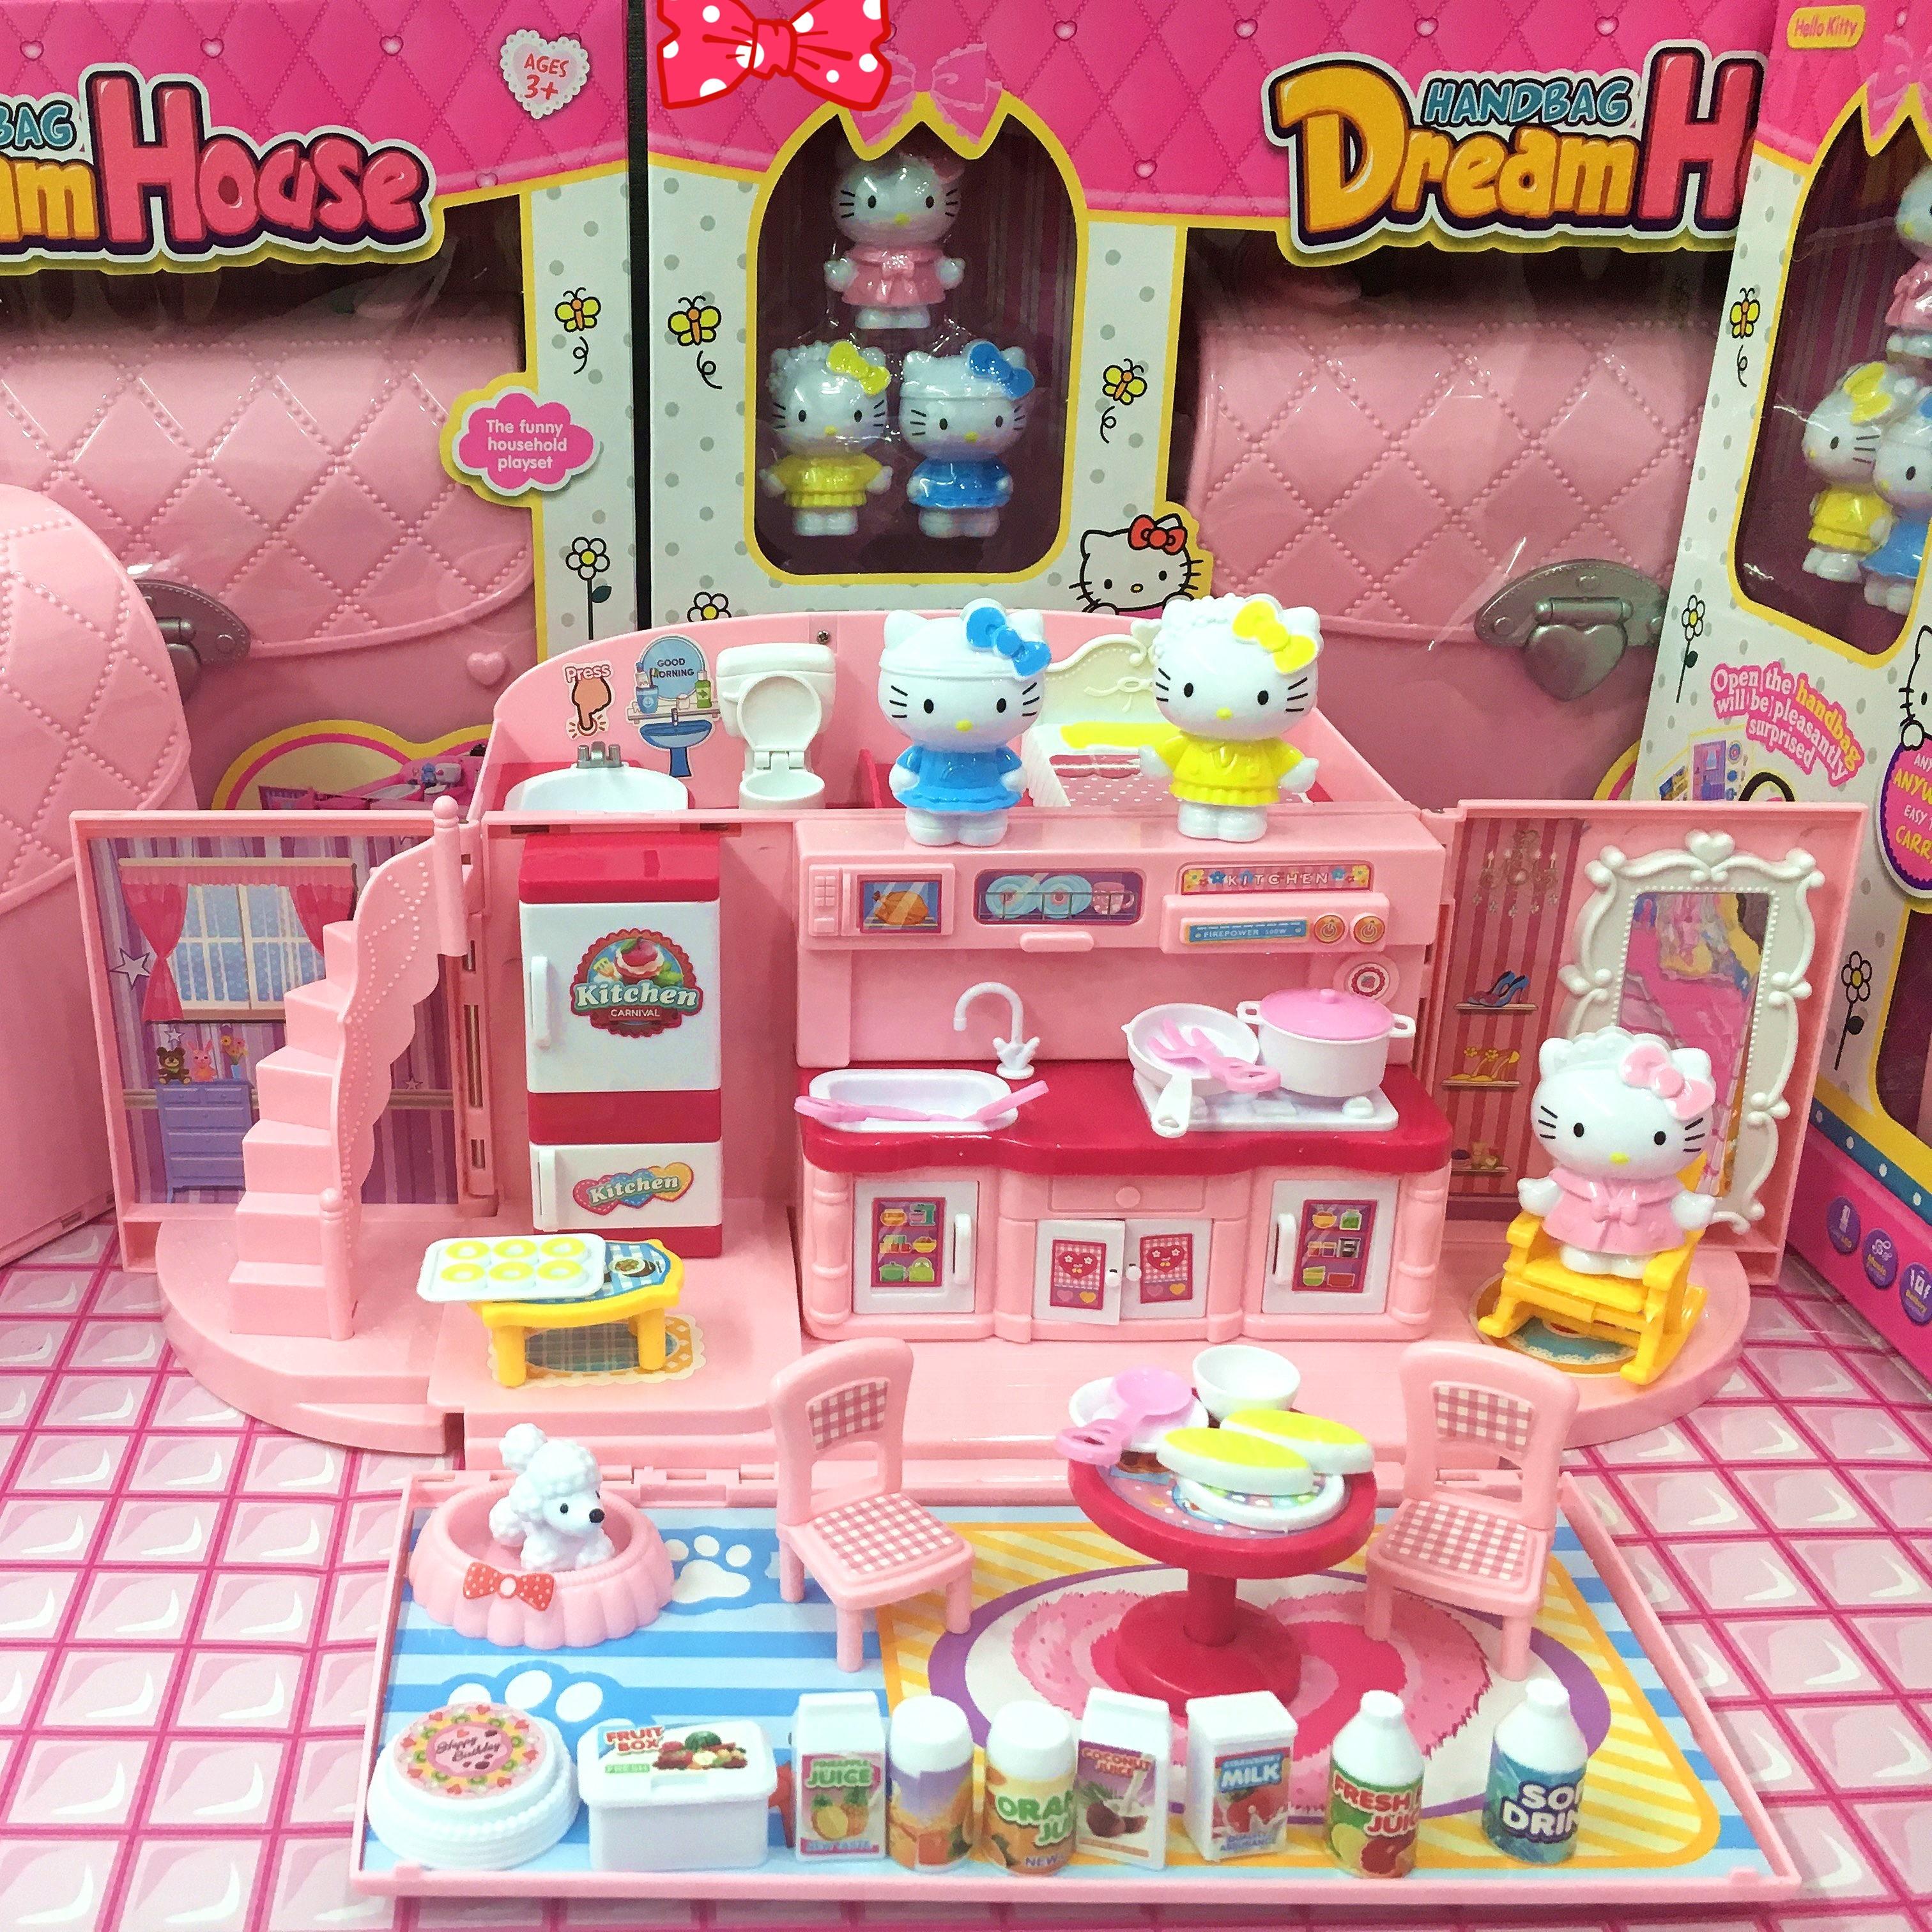 儿童过家家厨房玩具娃娃冰雪公主女孩礼物手提包屋凯蒂猫房子别墅